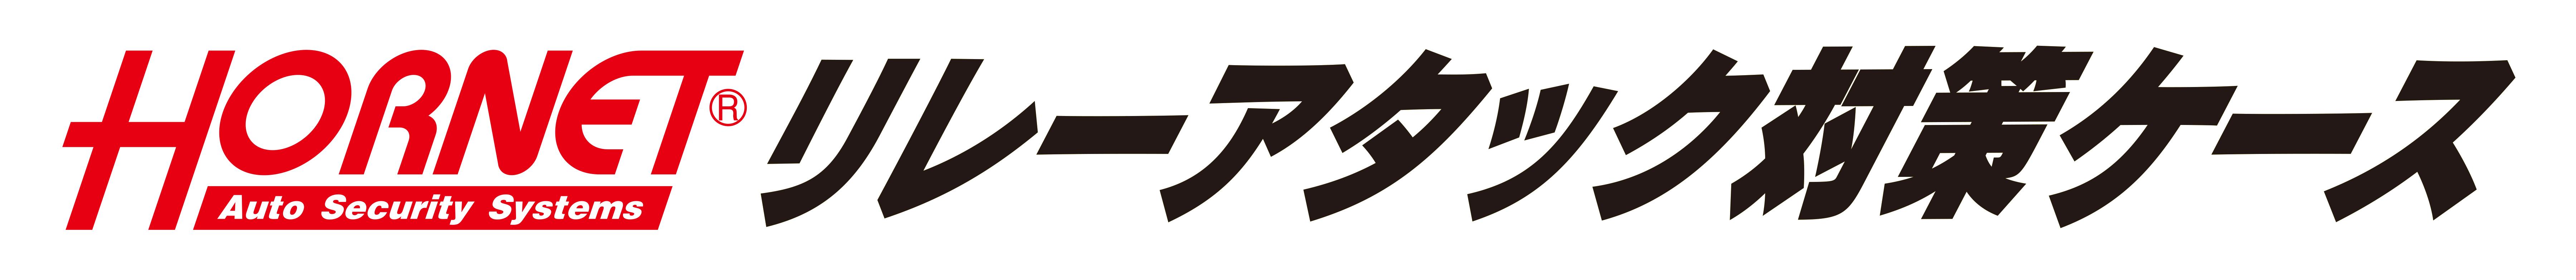 ロゴ 製品名